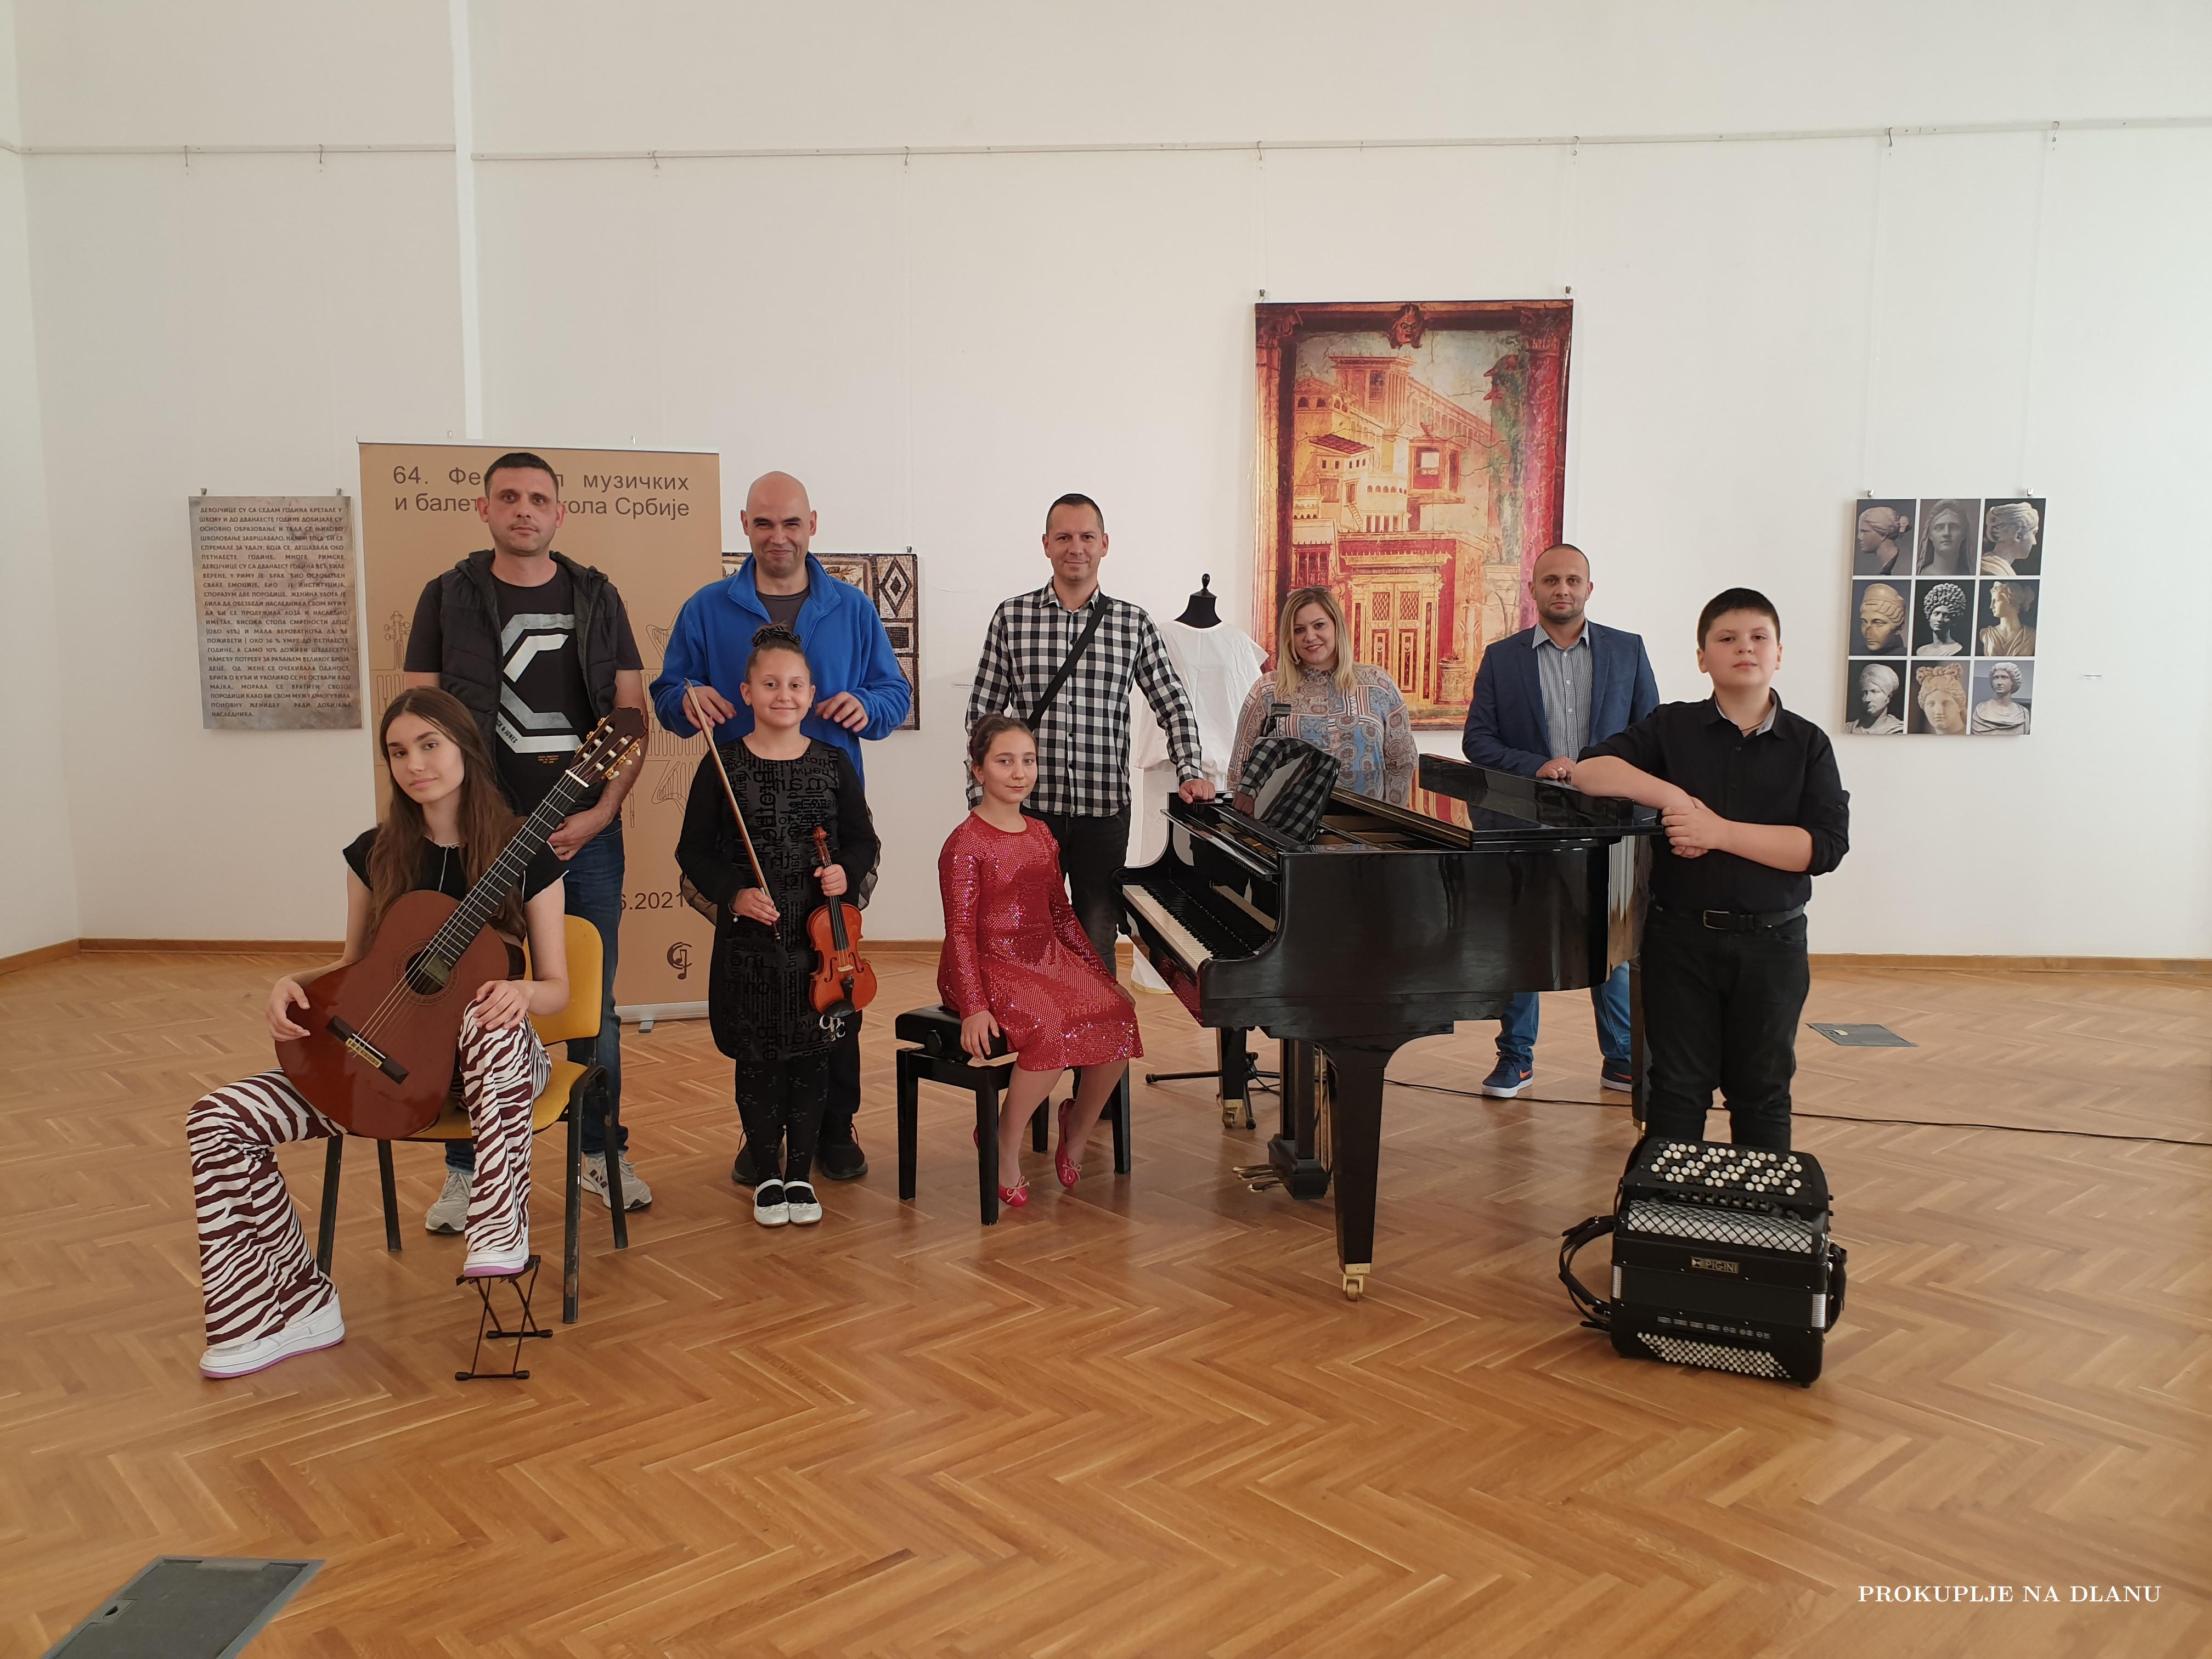 НАГРАДЕ ЗА МЛАДЕ МУЗИЧАРЕ НА ФЕСТИВАЛУ БАЛЕТСКИХ И МУЗИЧКИХ ШКОЛА СРБИЈЕ